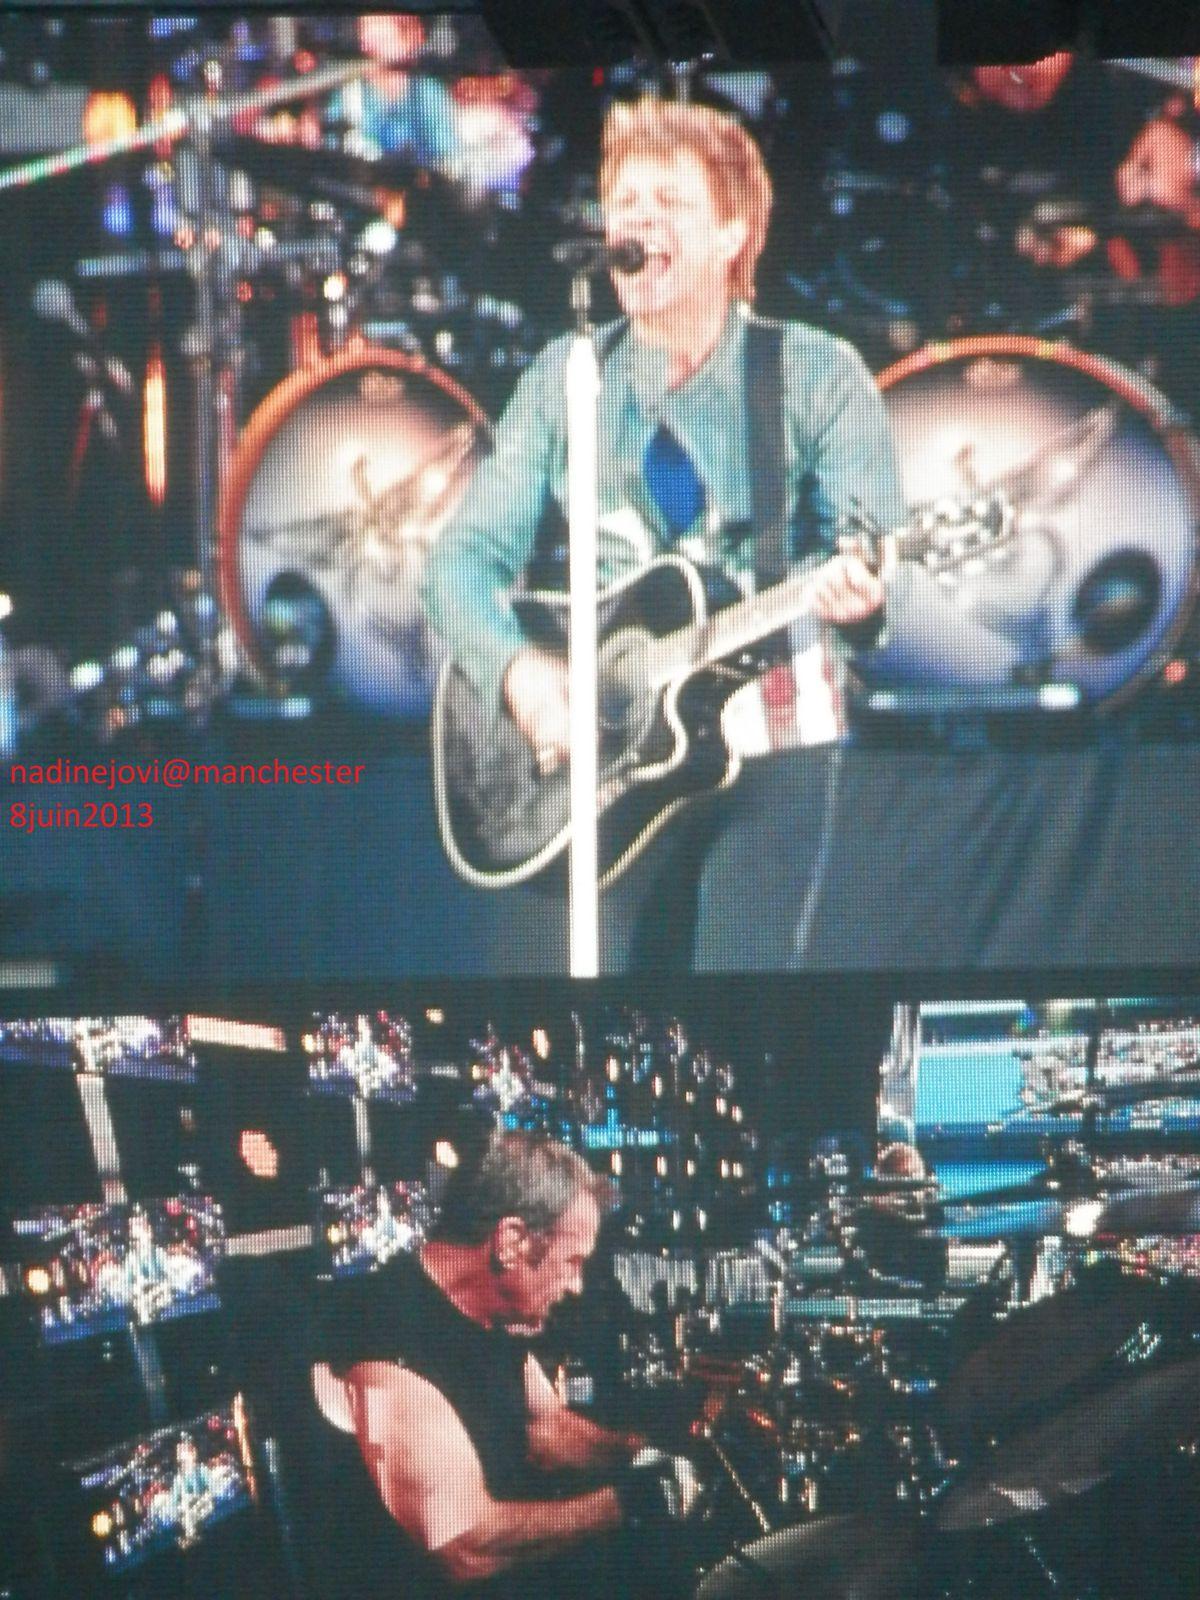 Album photos concert de Manchester 8 juin 2013 Ethiad Stadium